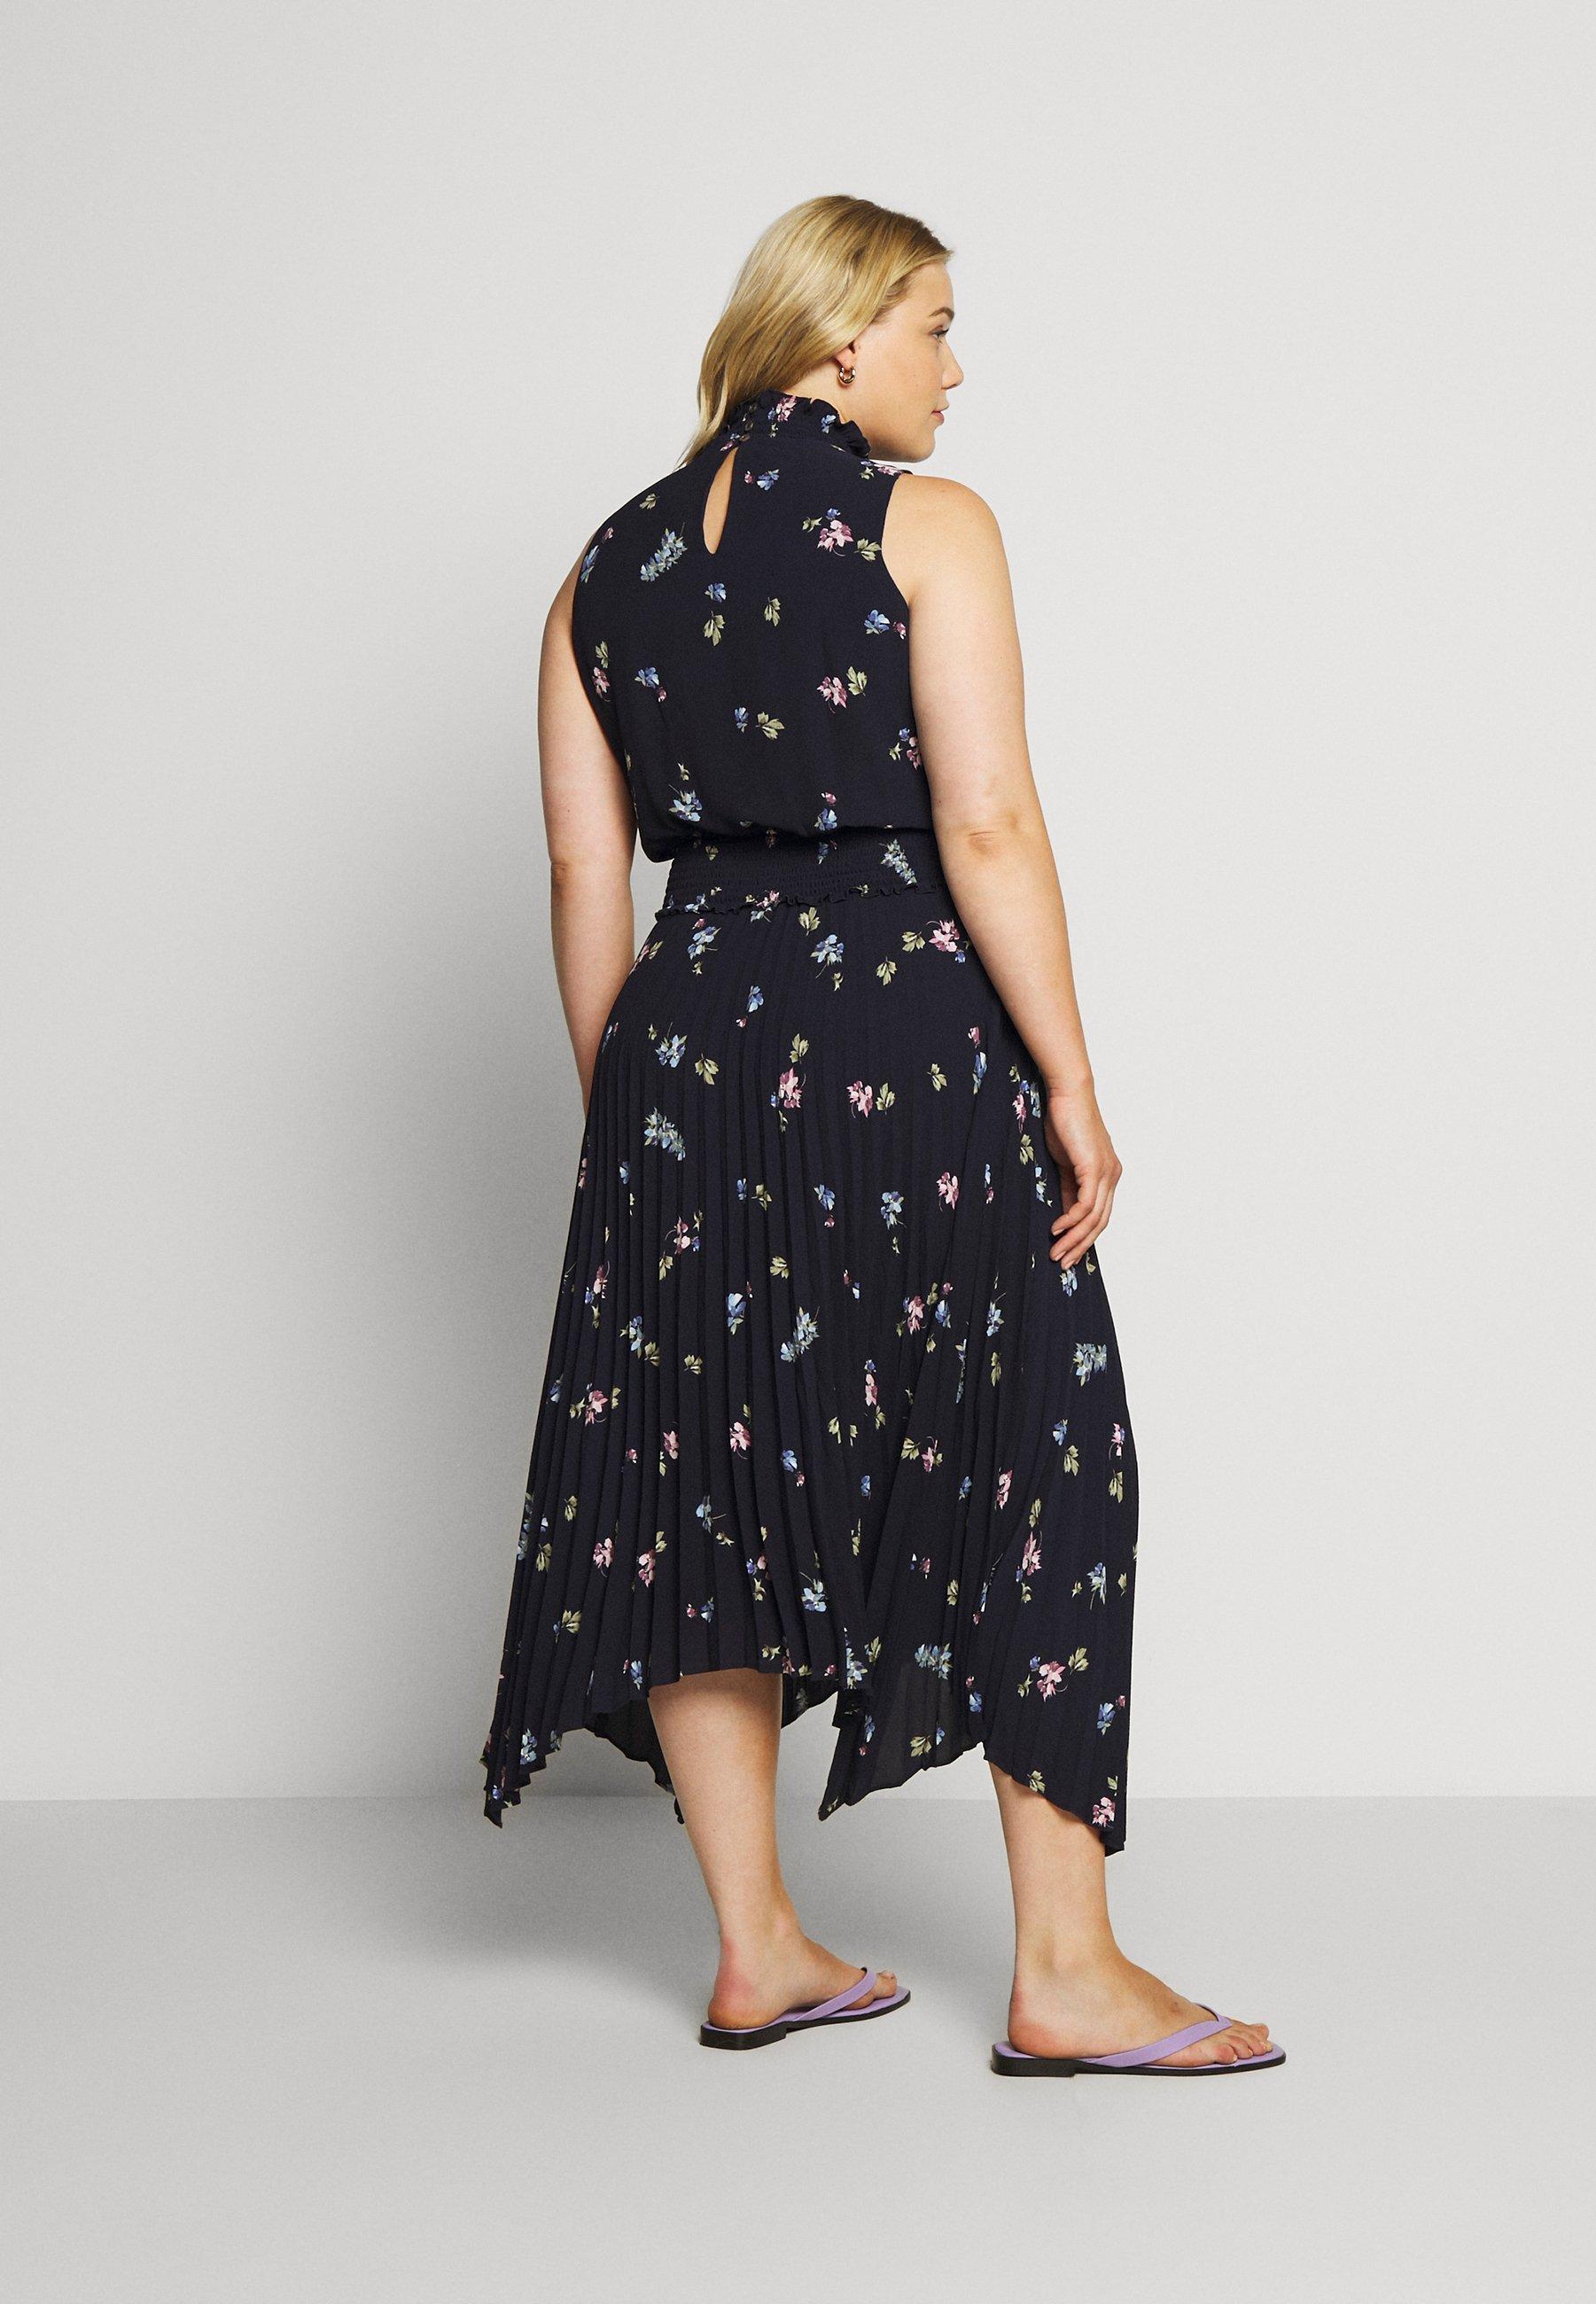 Duża obniżka Duża obniżka Vince Camuto Plus ROMANTIC BUDS PLEATED DRESS - Długa sukienka - dark blue   Odzież damska 2020 QIHpn